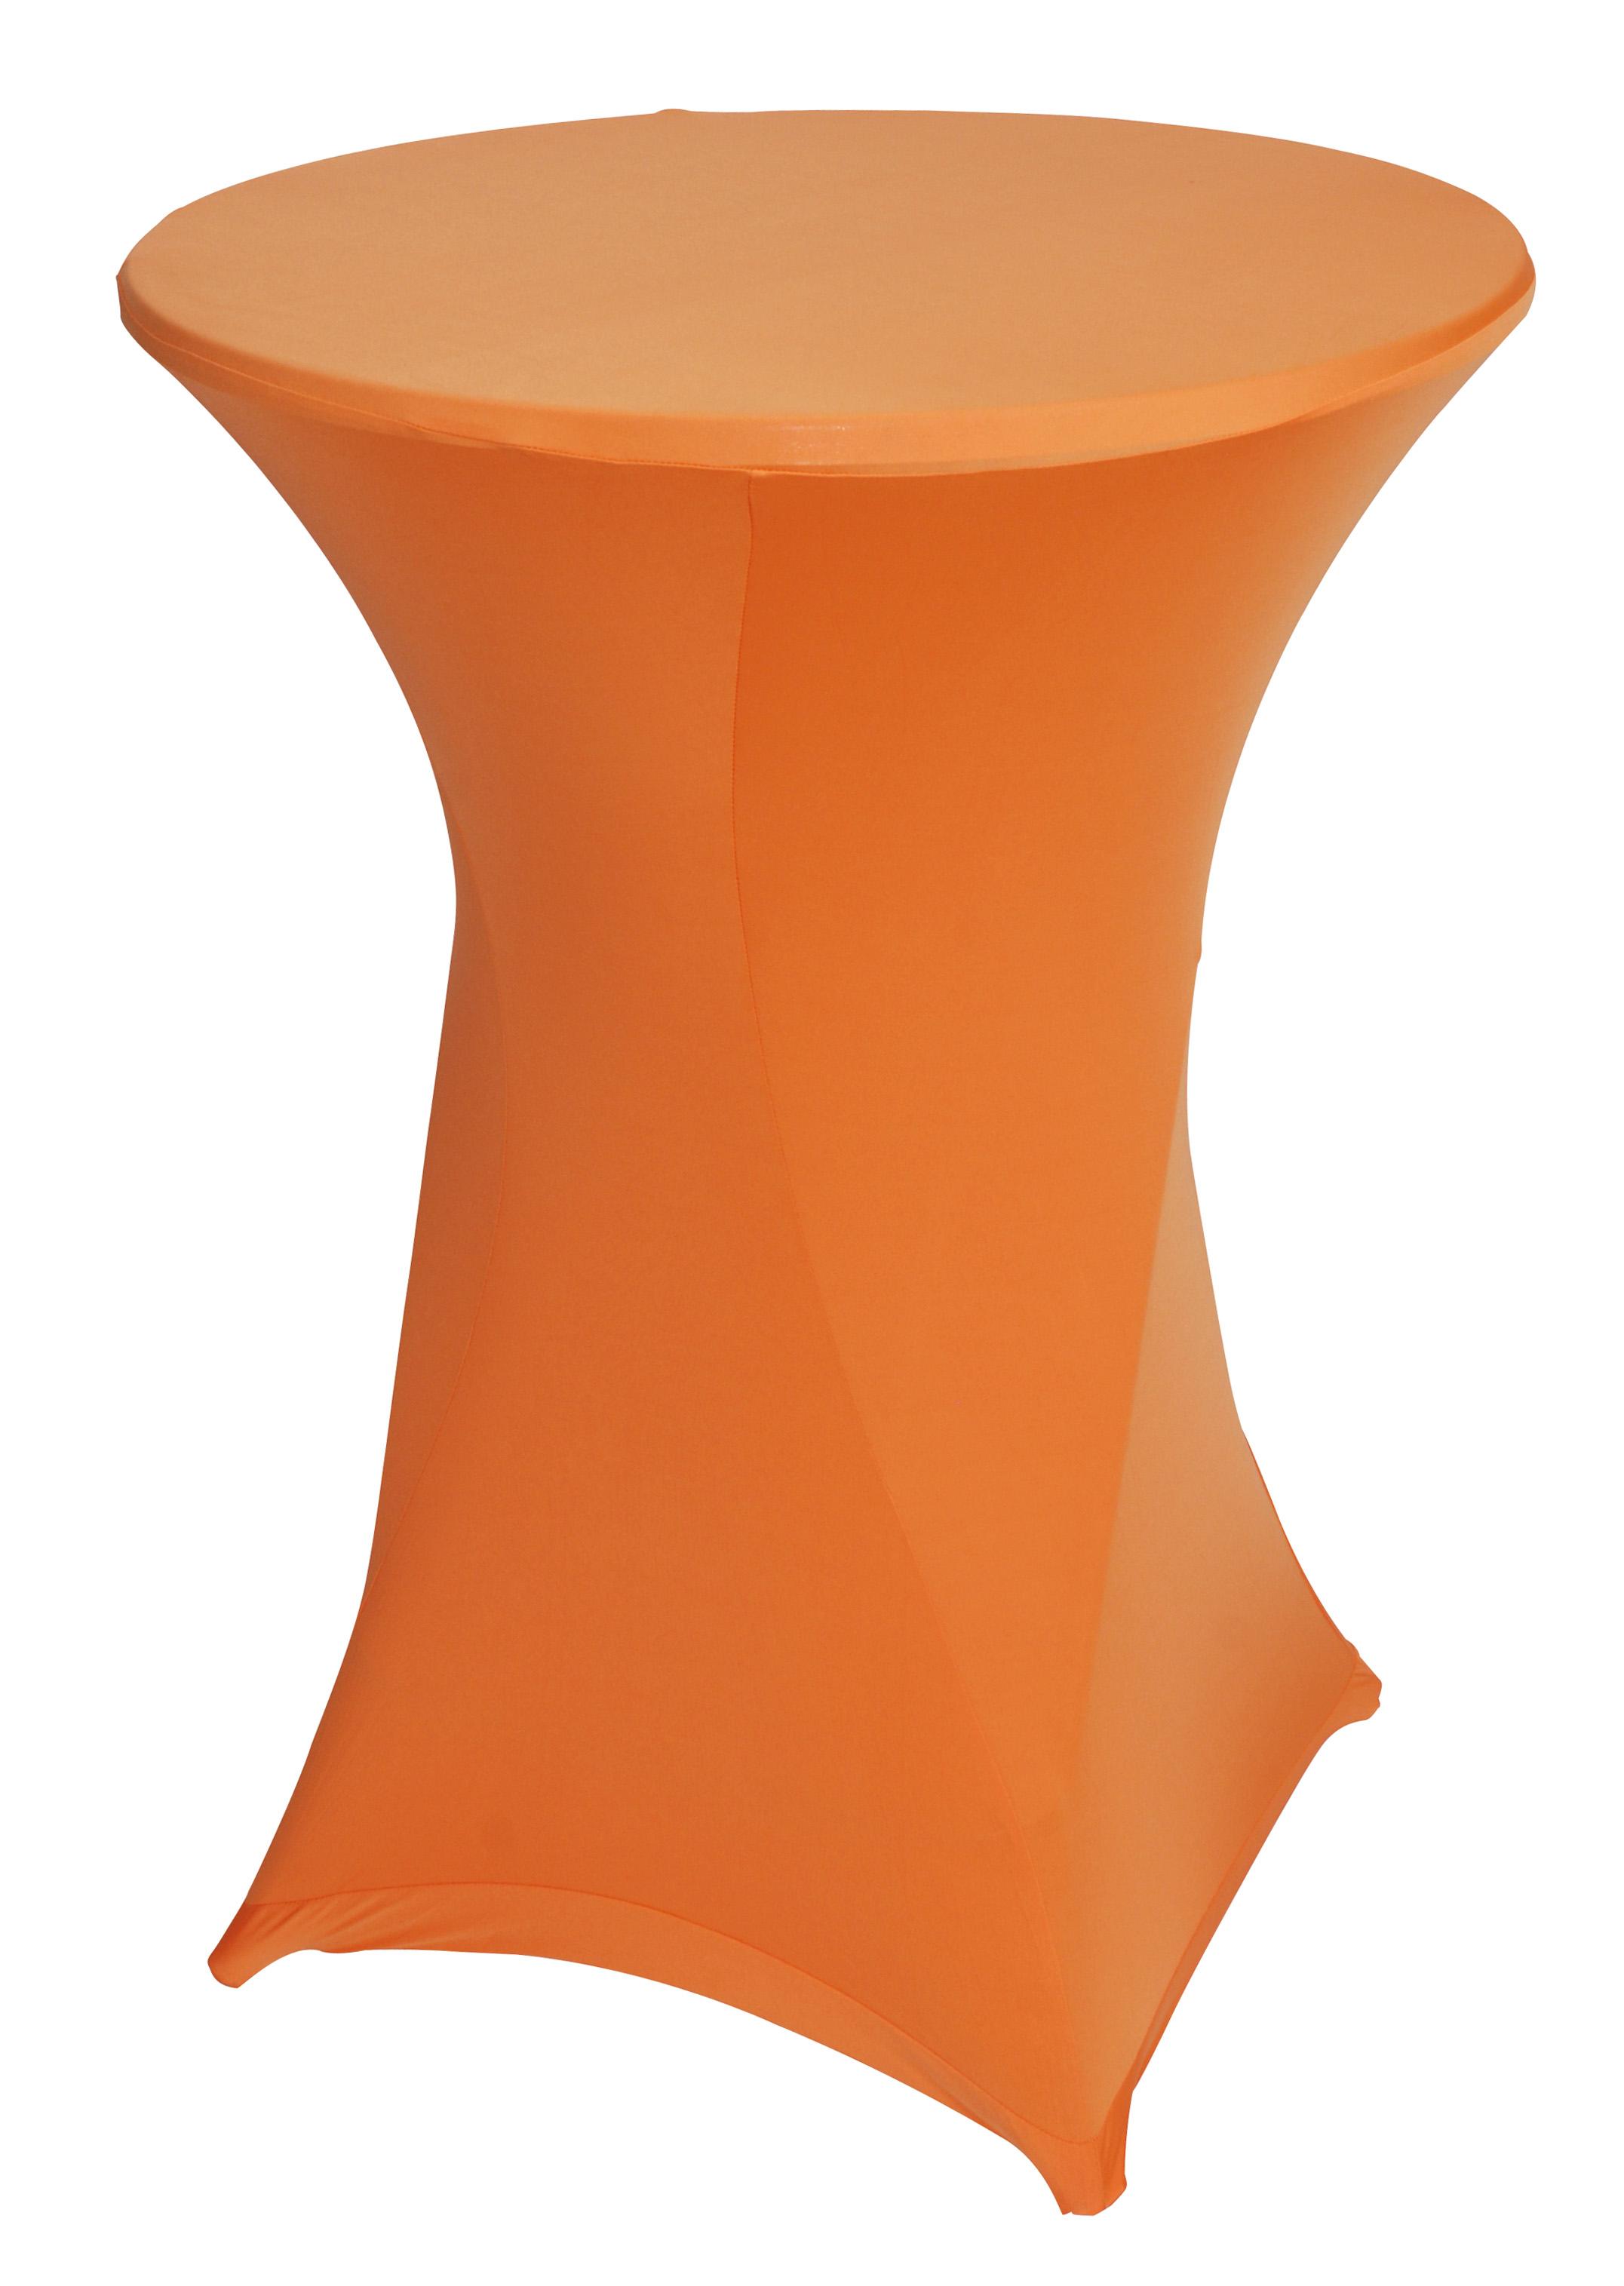 Stretchhussen BASIC für Stehtisch bis 80cm, orange